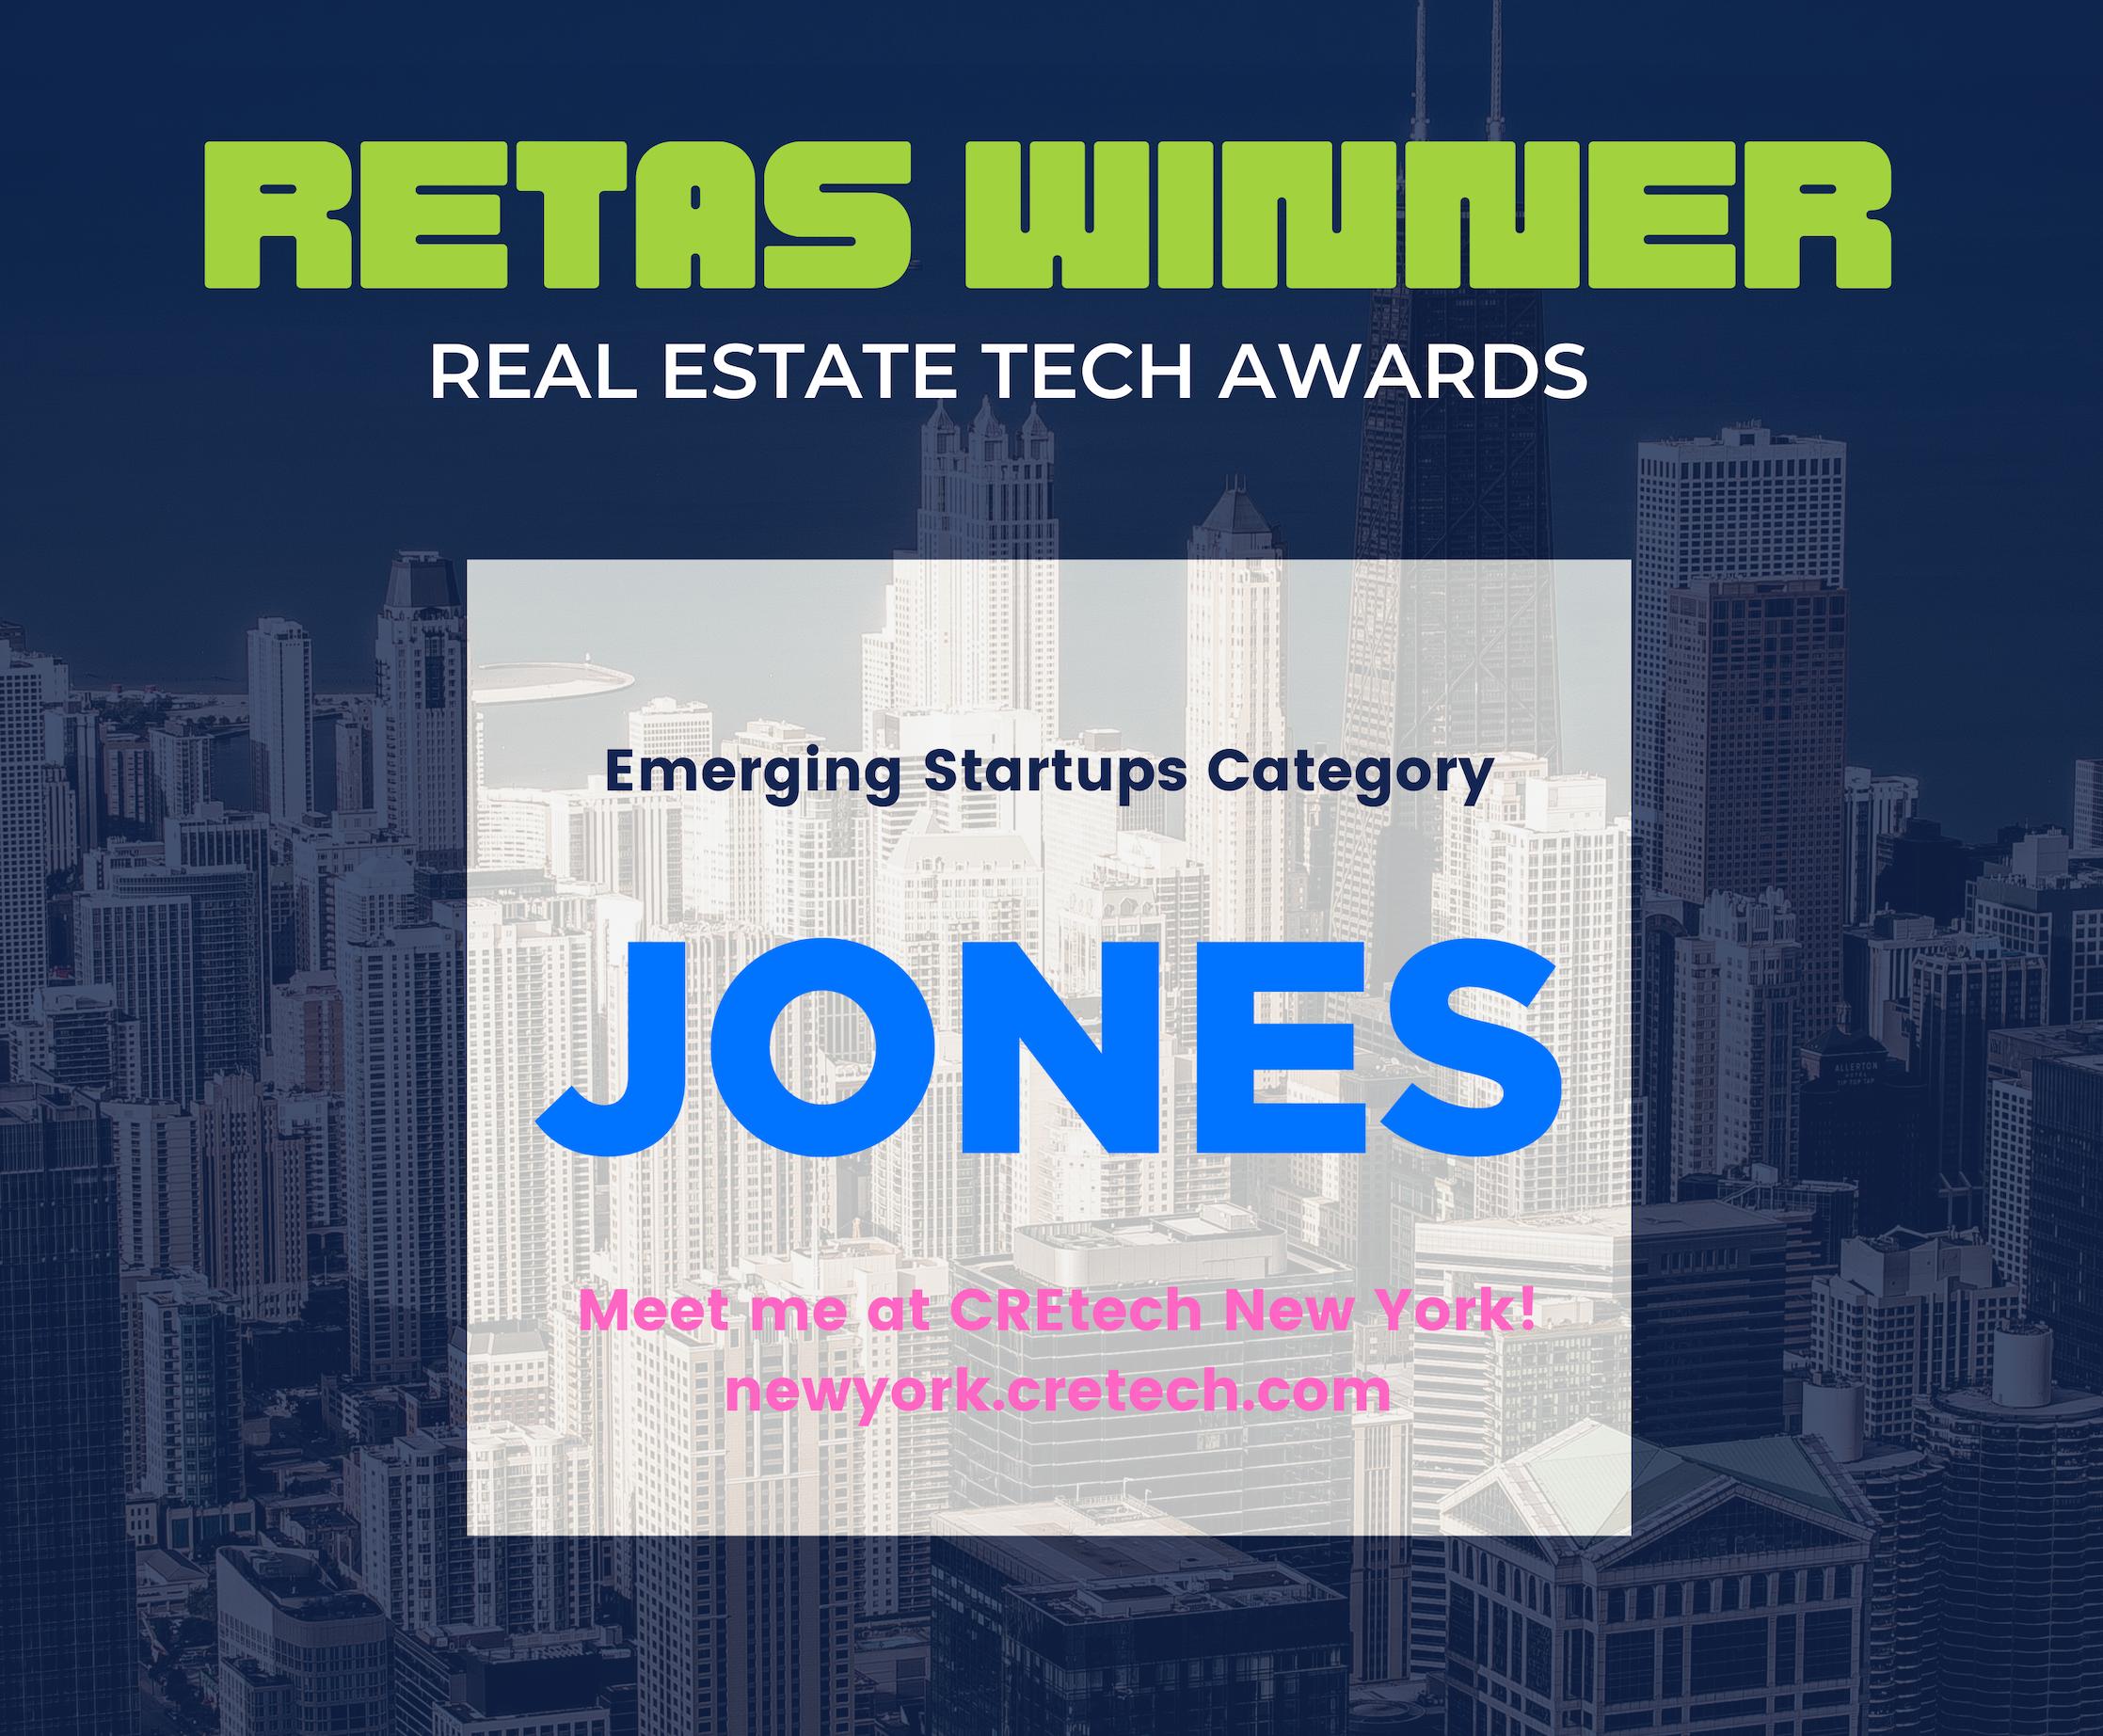 Jones is RETAS Winner